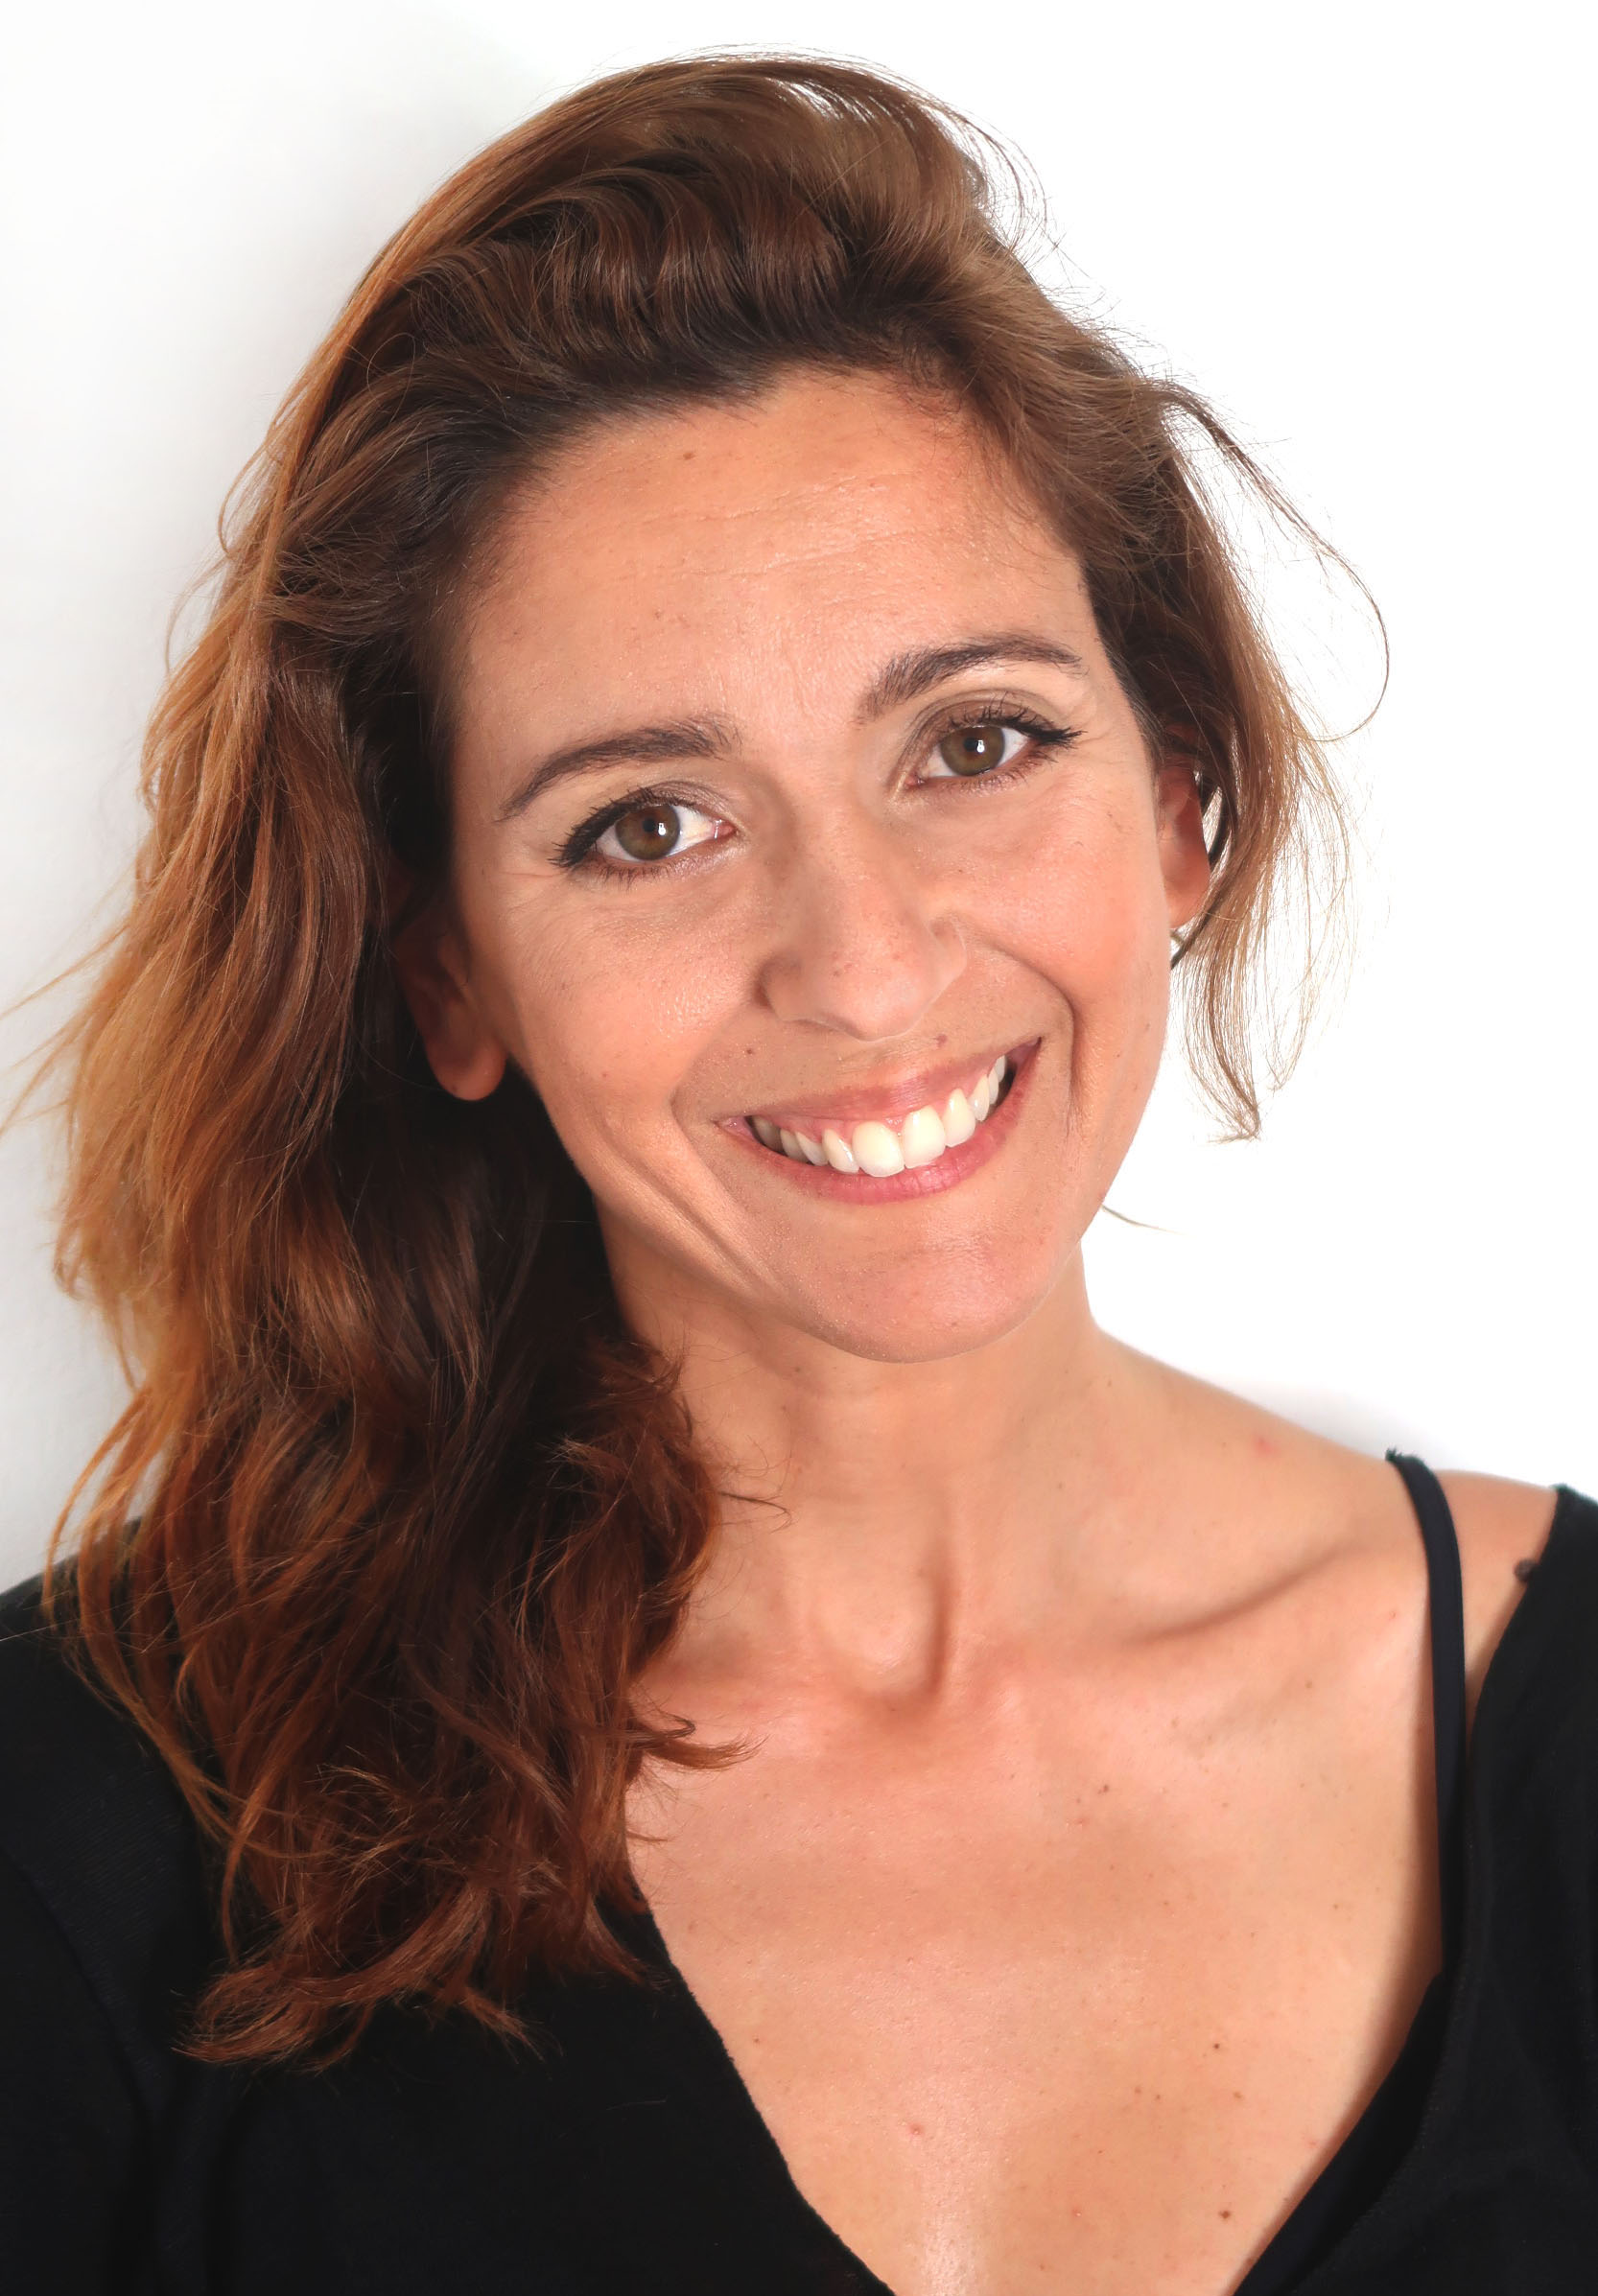 Joana Brandão